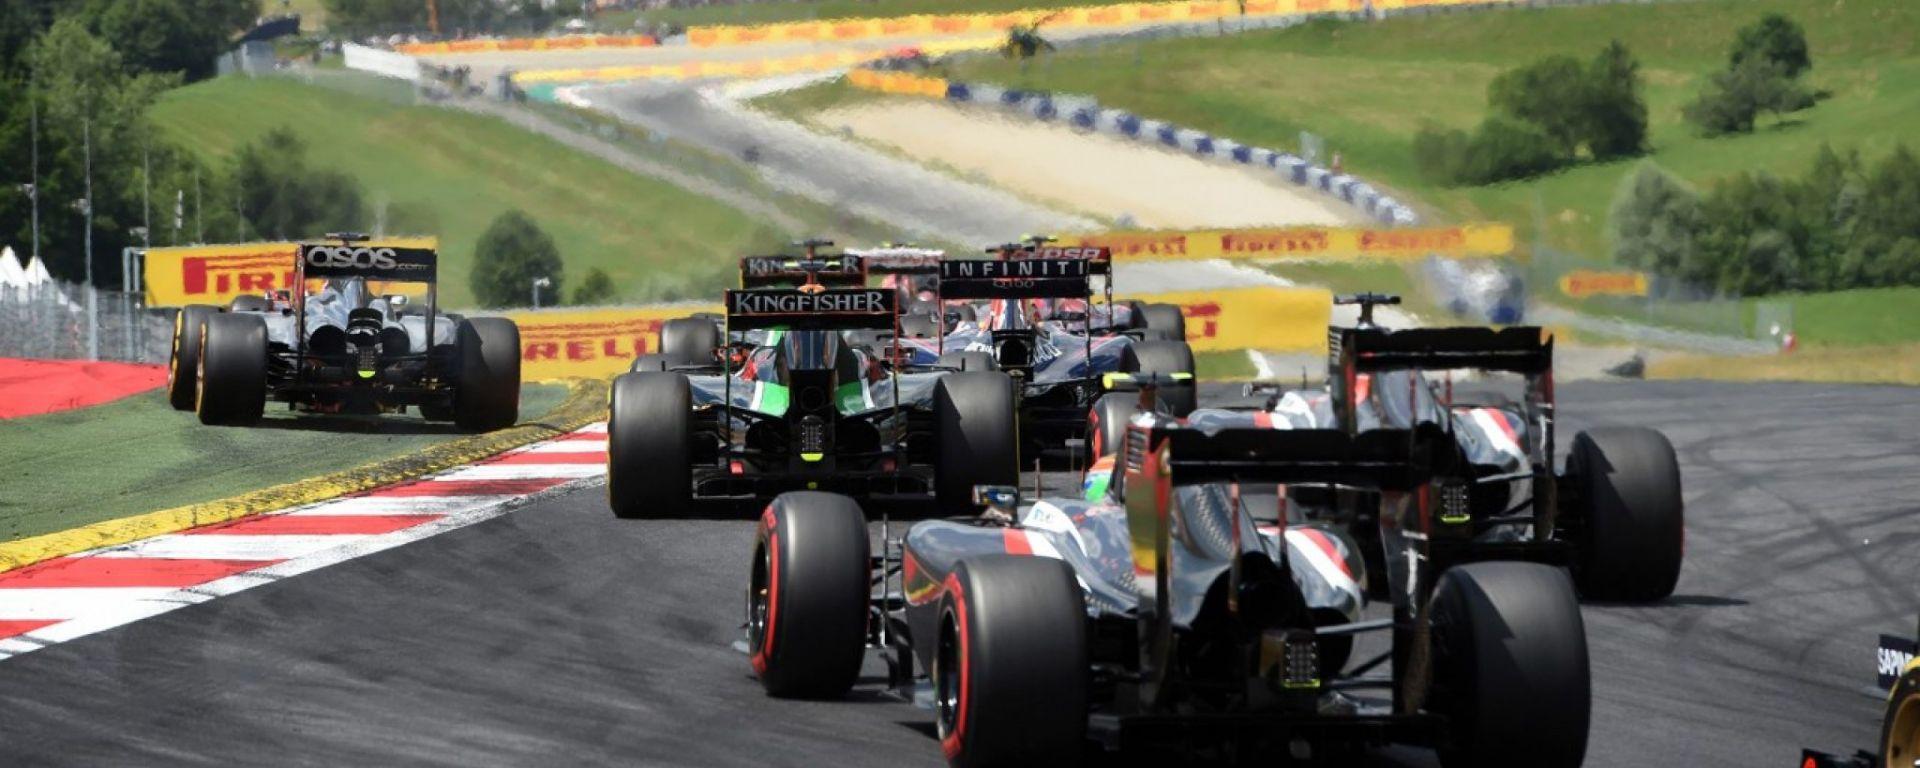 F1 2016 - Gran Premio d'Austria - Info e Risultati